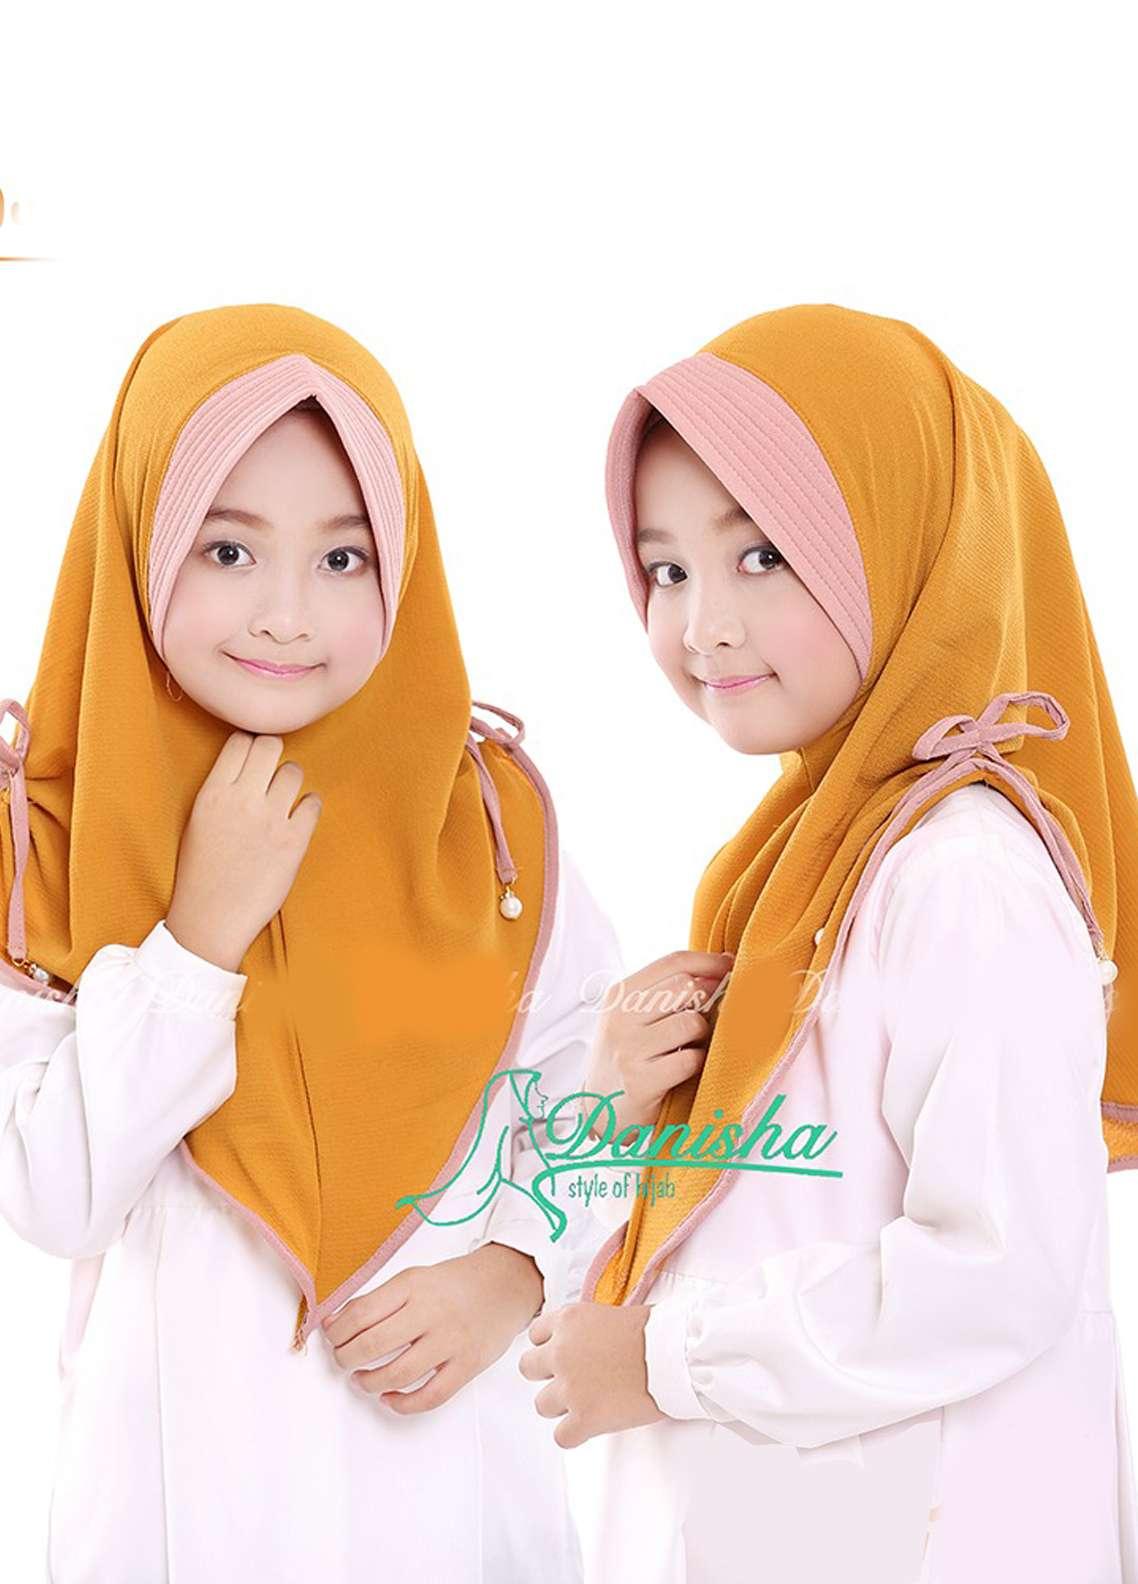 Danisha | Style of Hijab  Bubble Pop  Girls Scarves HH Danisha 06 Mustard